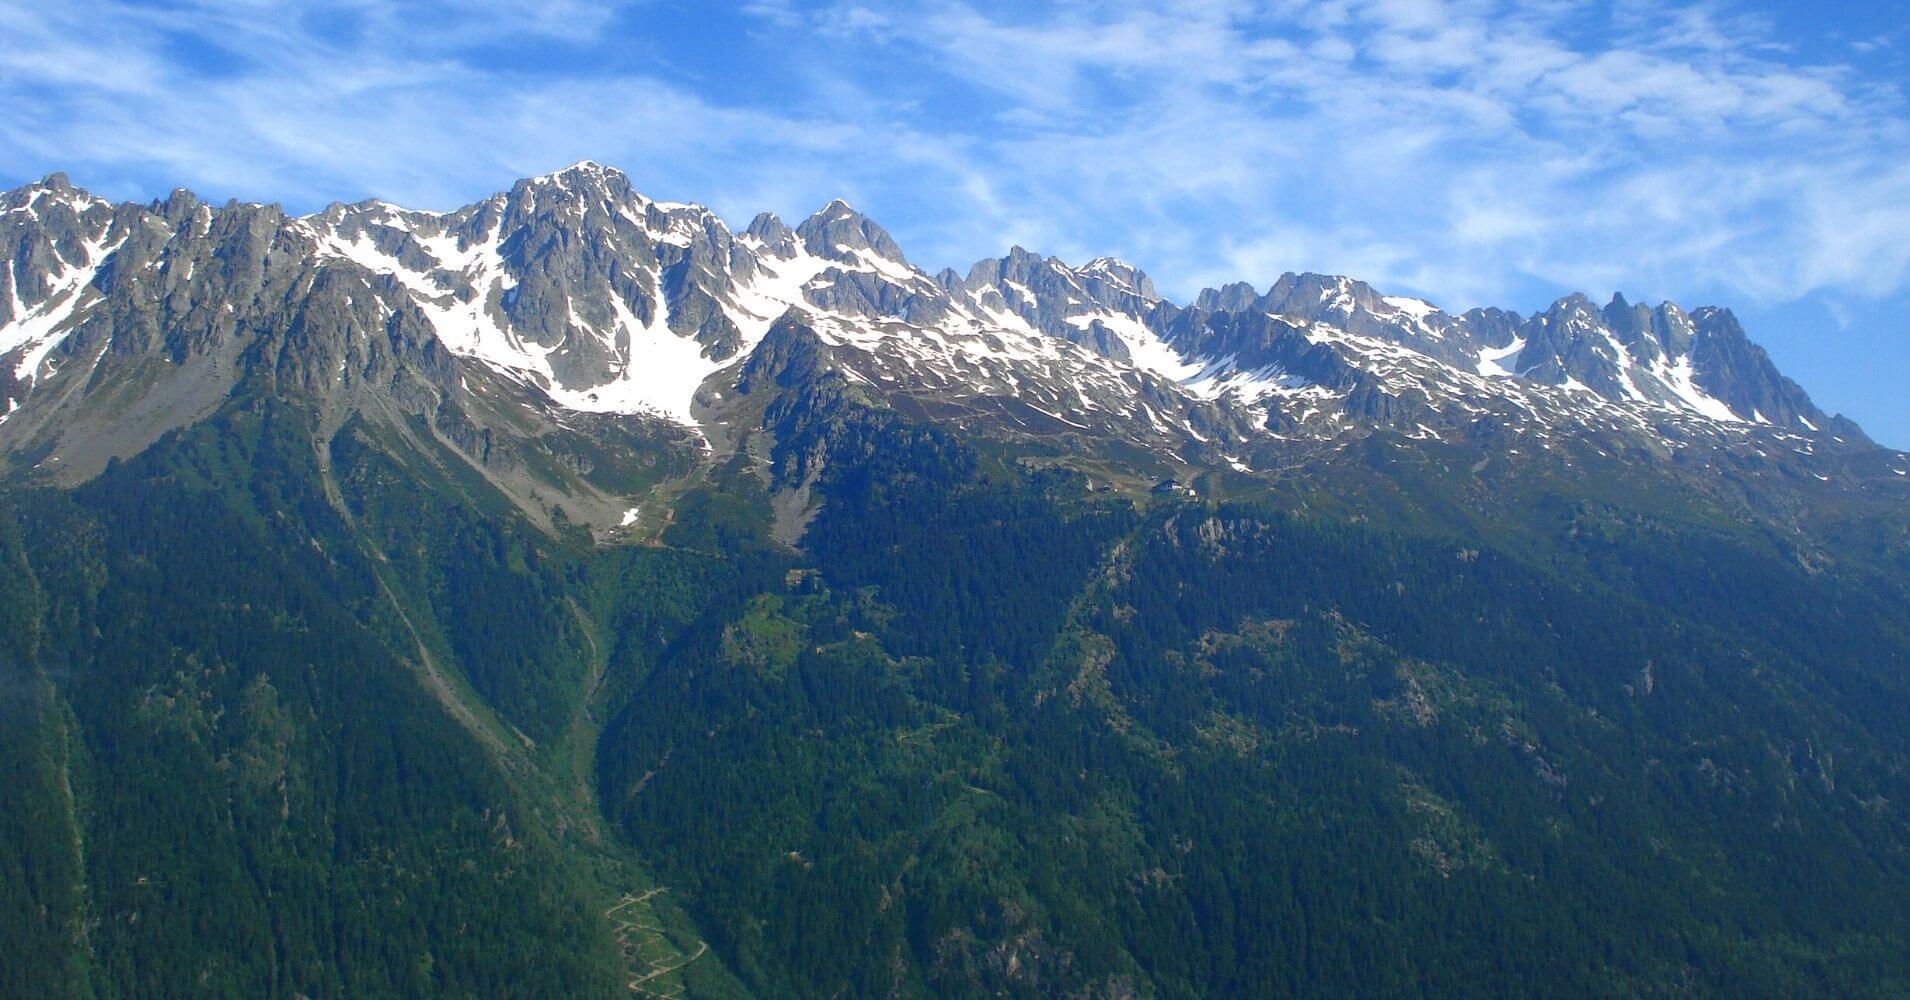 Panorámica de la Cordillera de los Alpes desde El Tour del Mont Blanc.